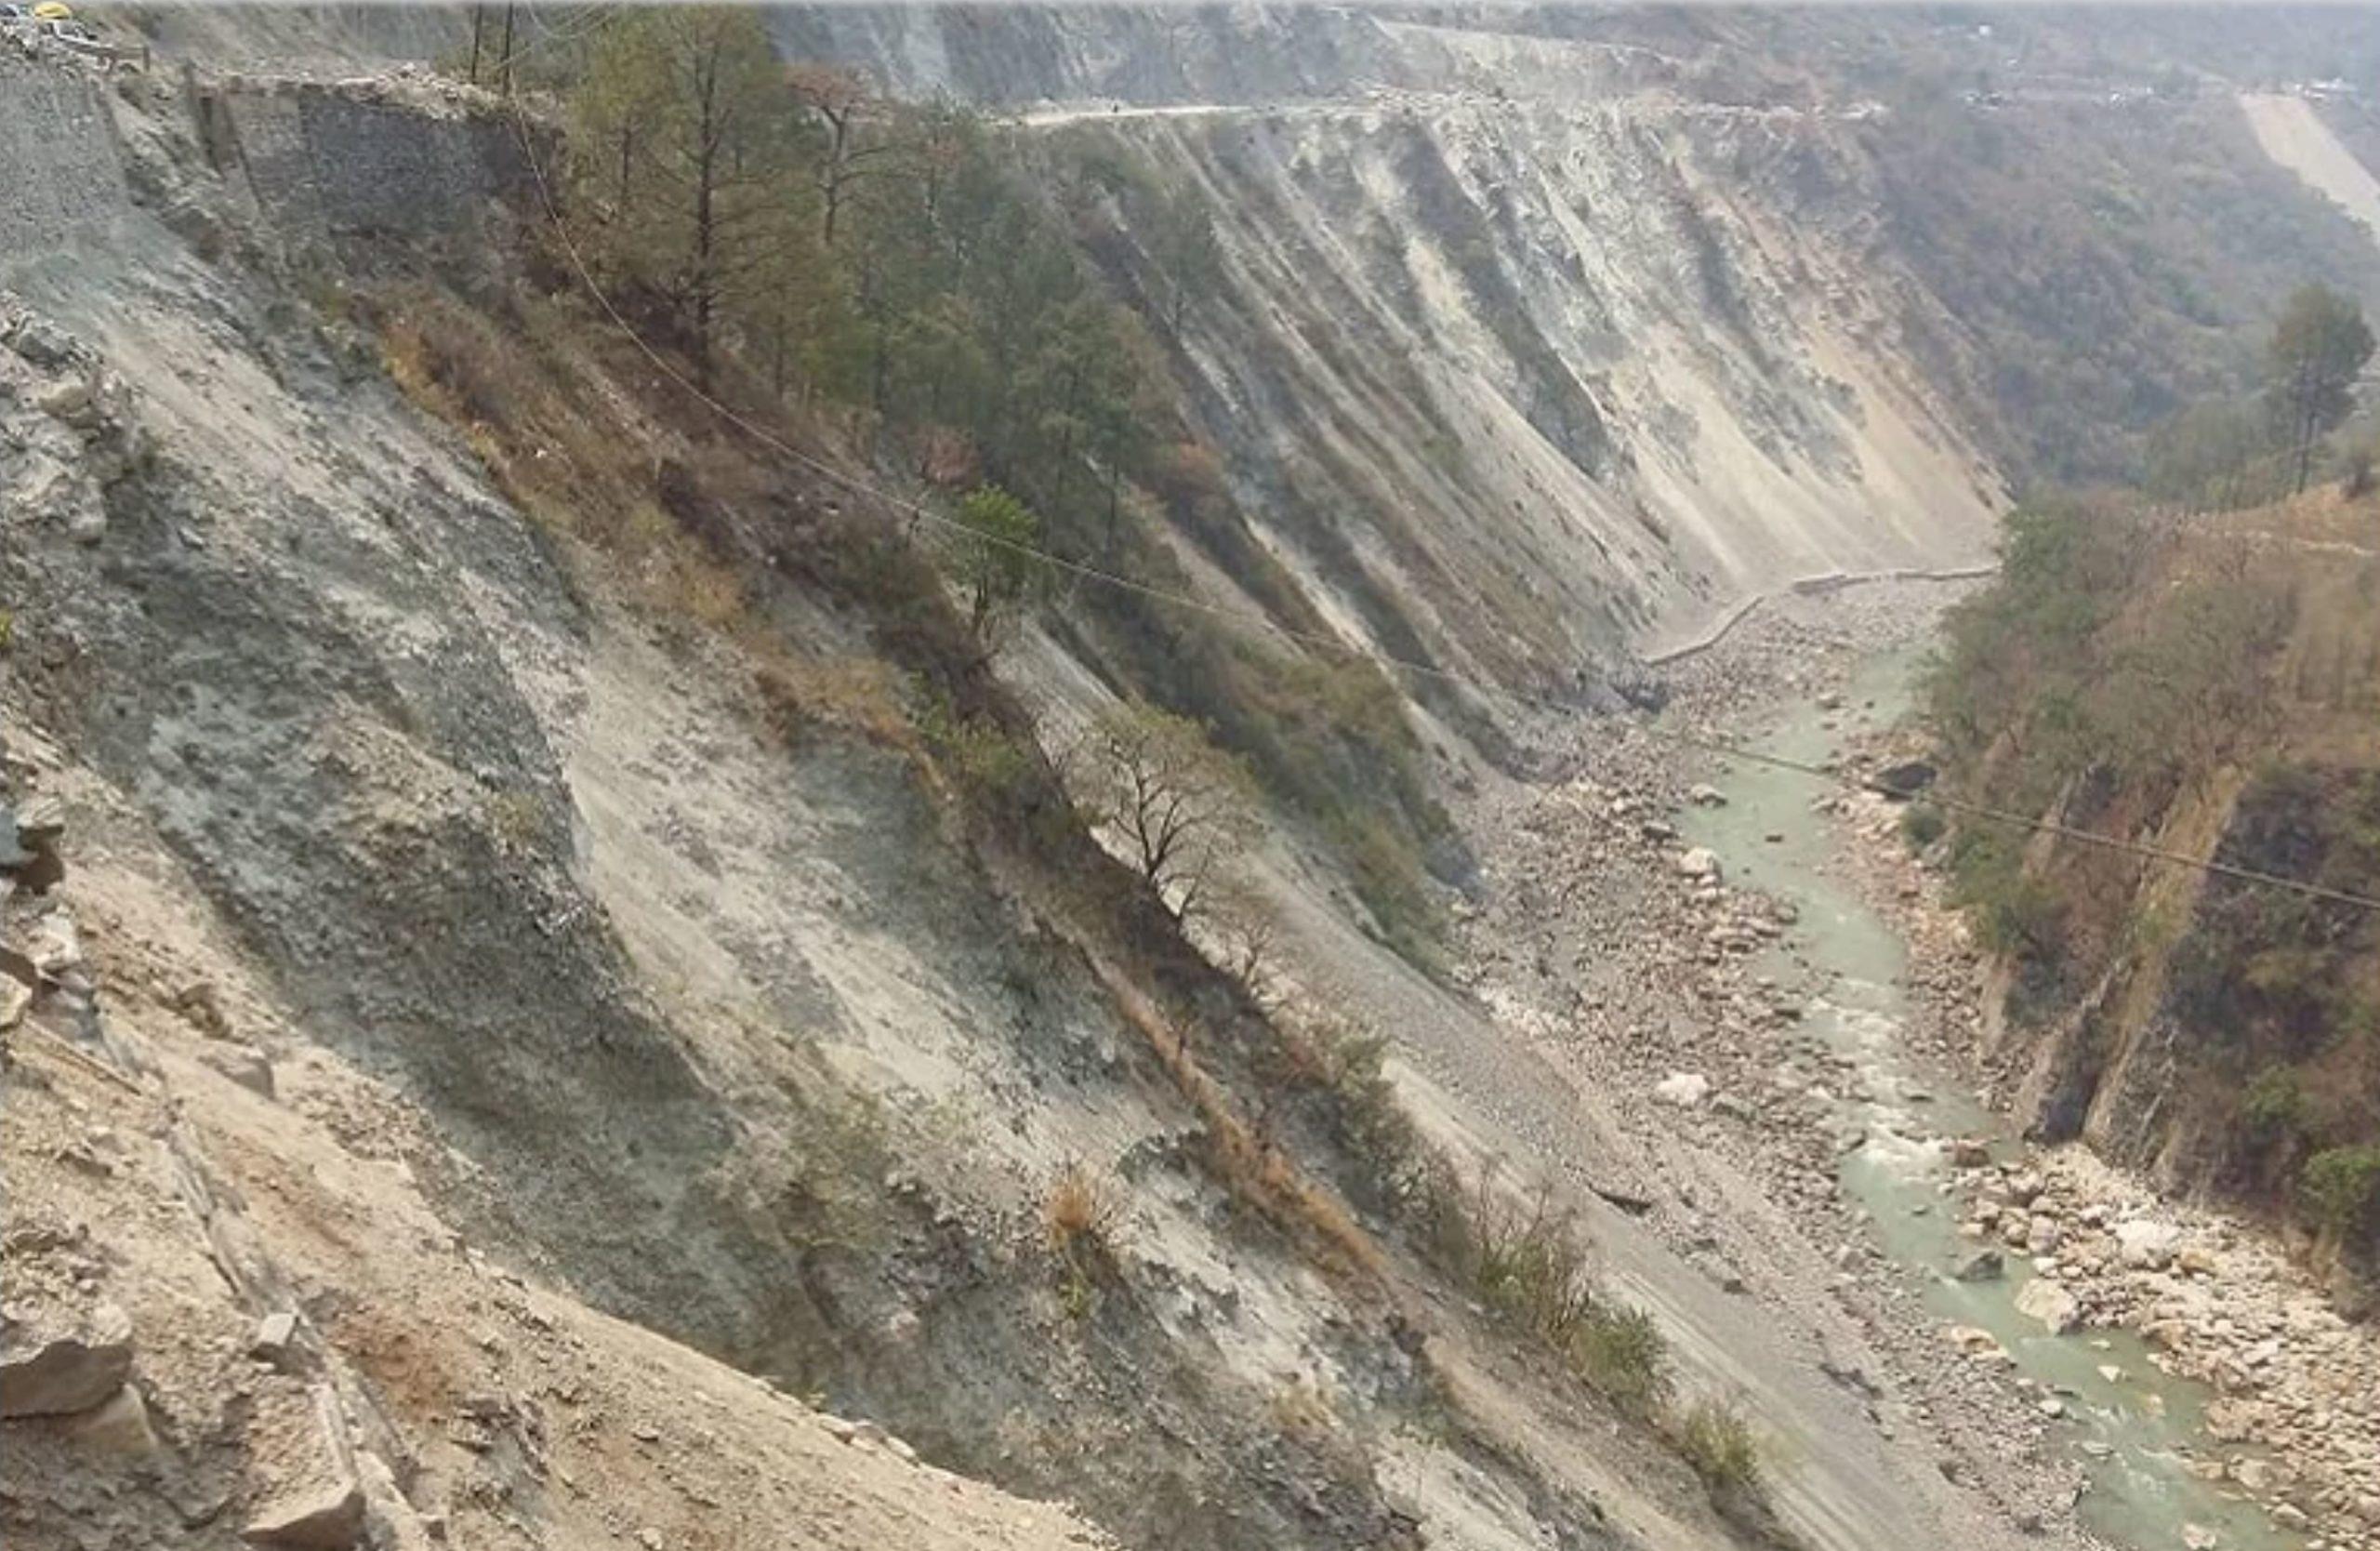 Landslides on the Char Dham highway